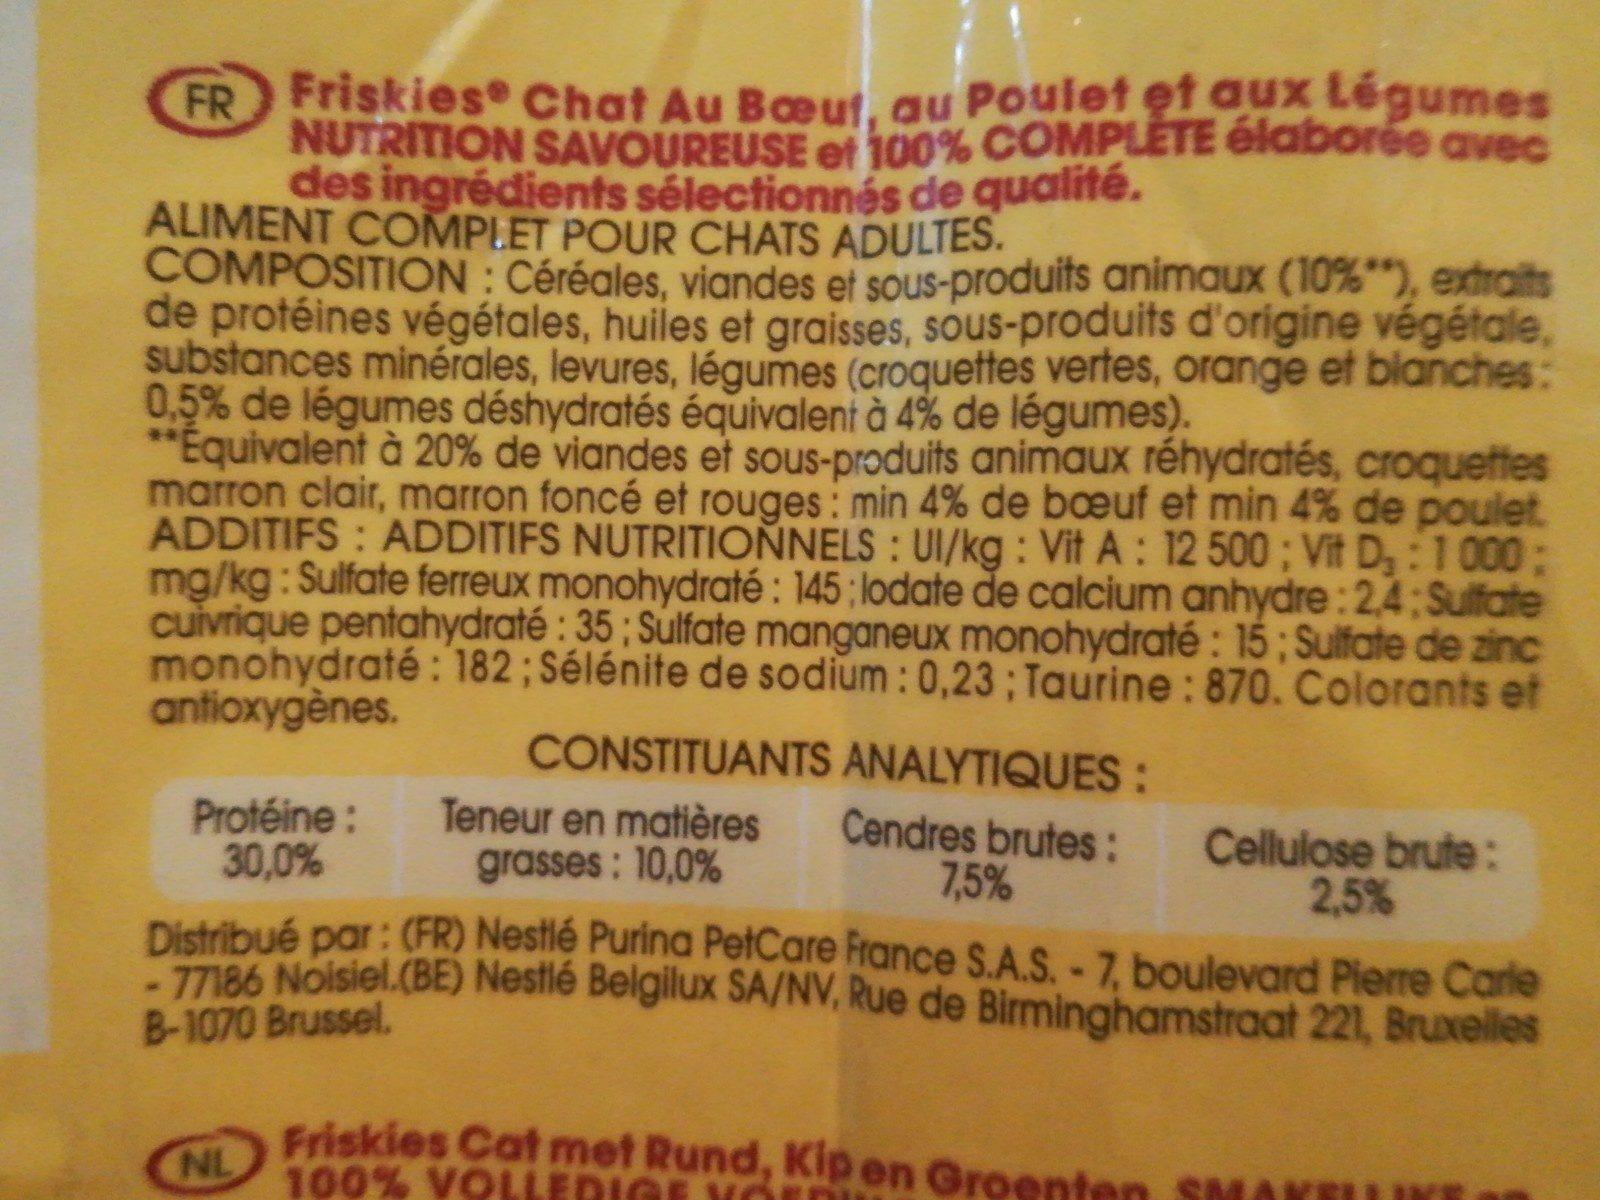 Boeuf Croquettes Pour Chat Friskies - Ingredients - fr